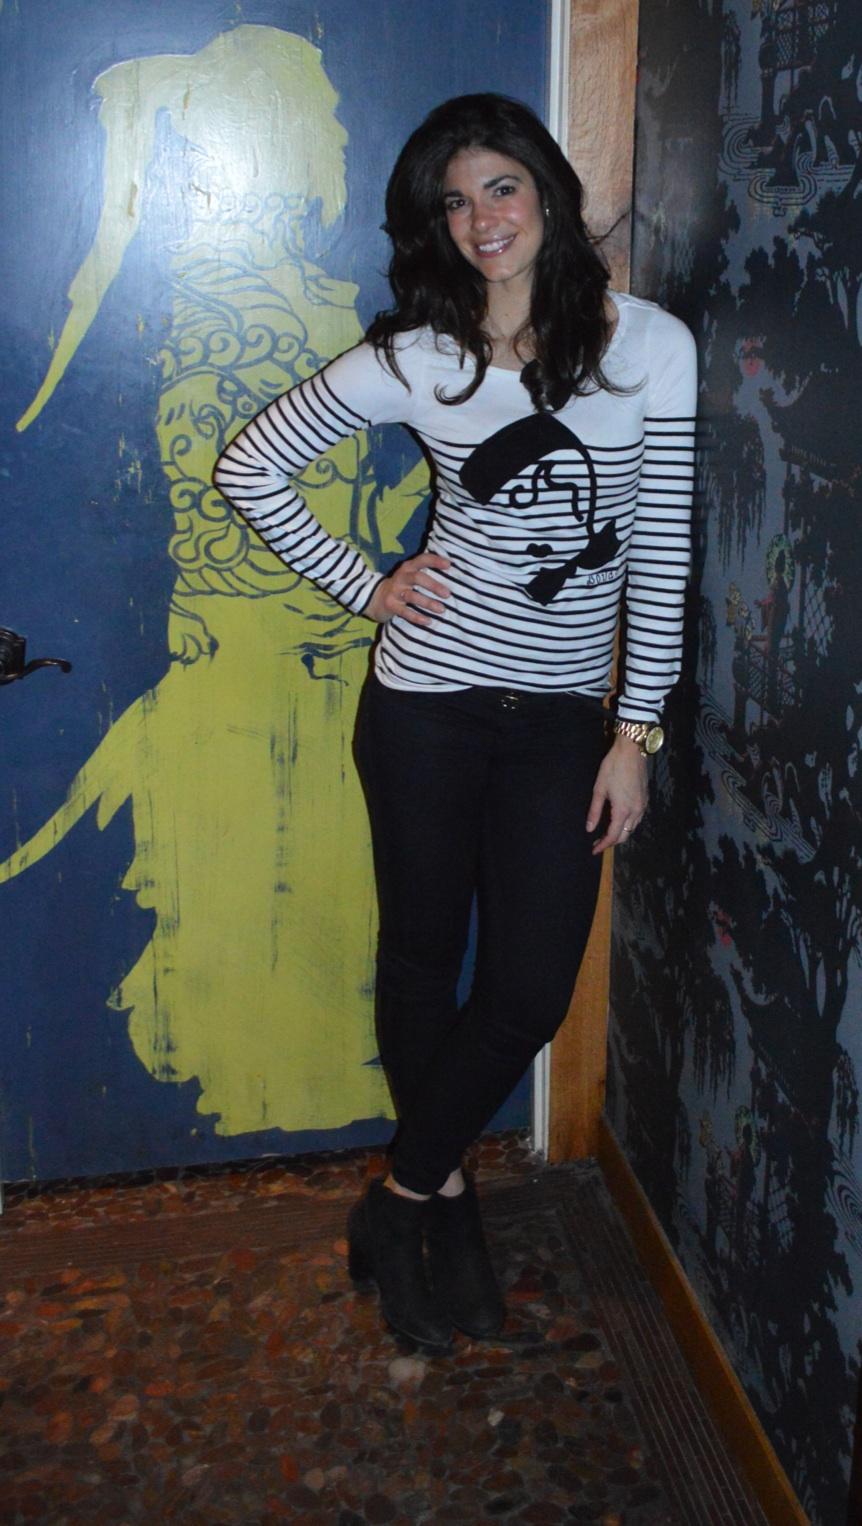 Le Stripes - LS Style